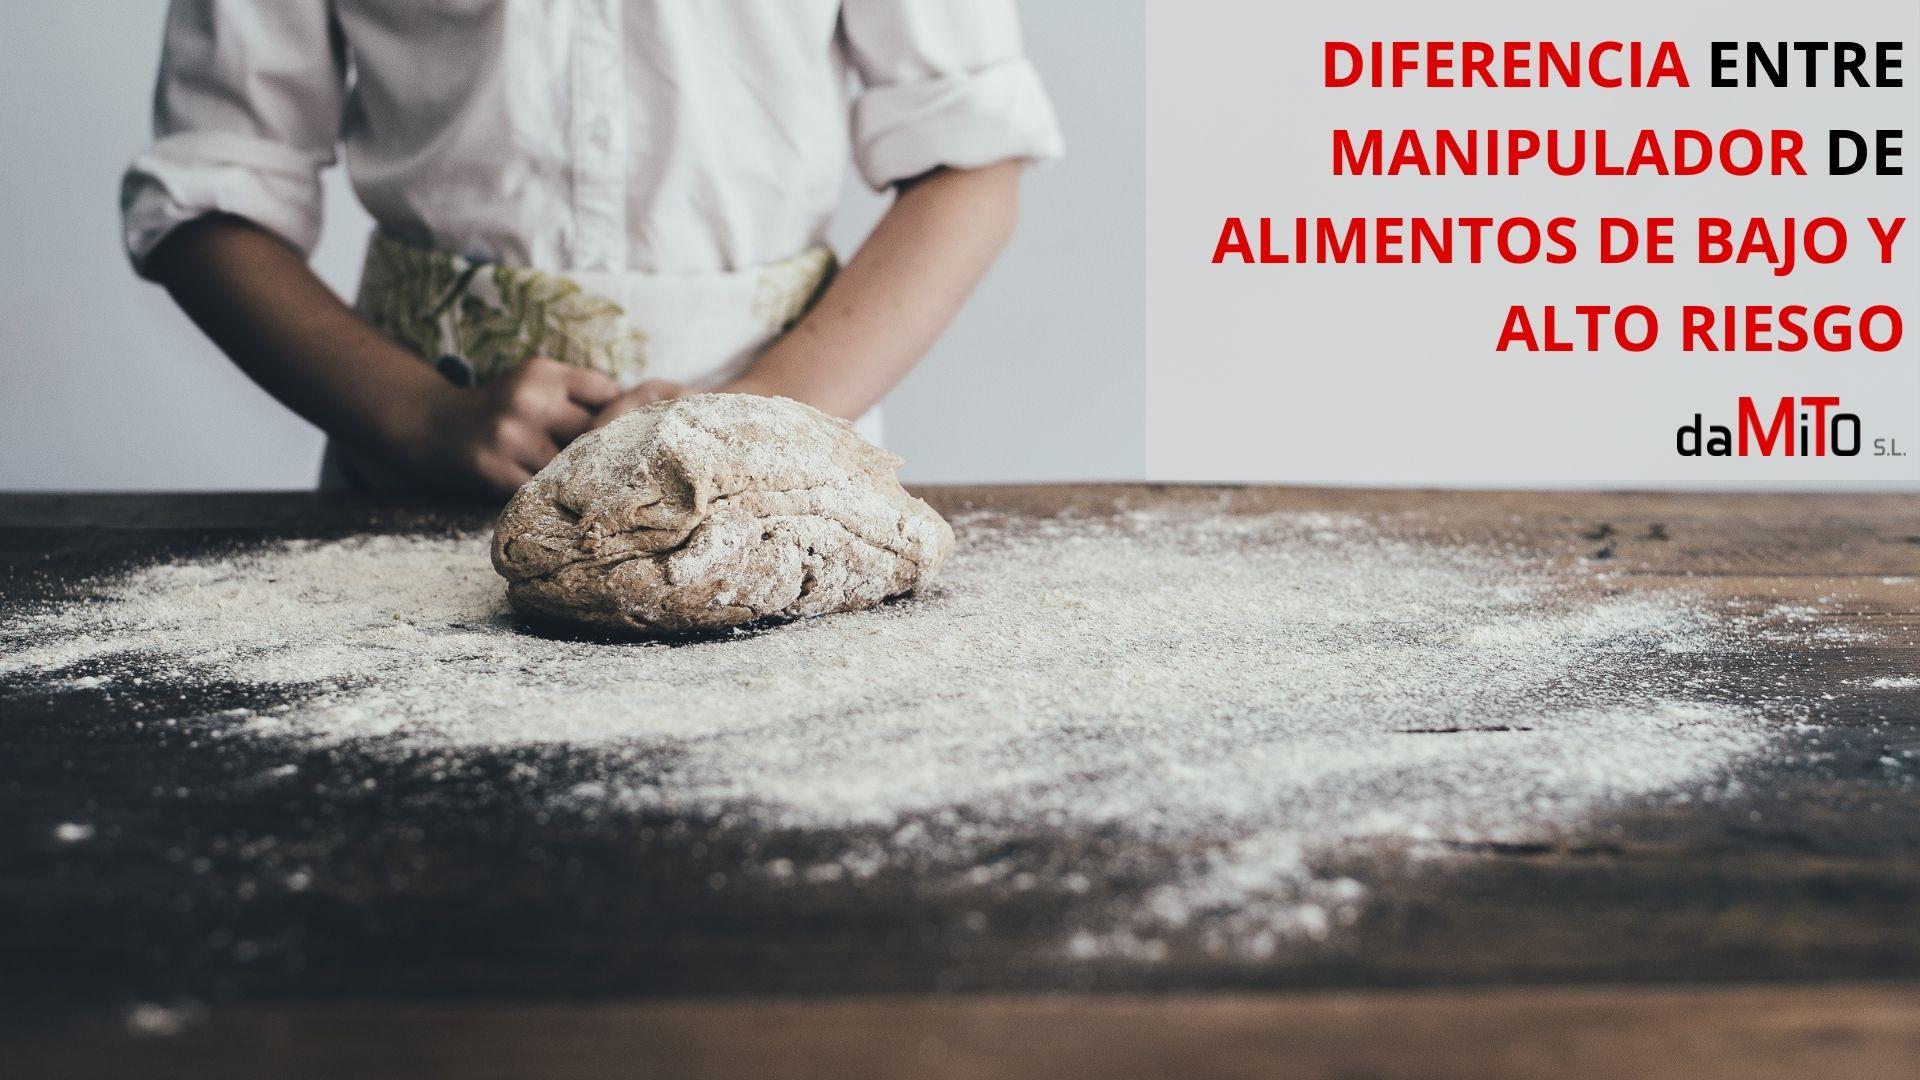 Diferencia entre Manipulador de Alimentos de Bajo y Alto Riesgo